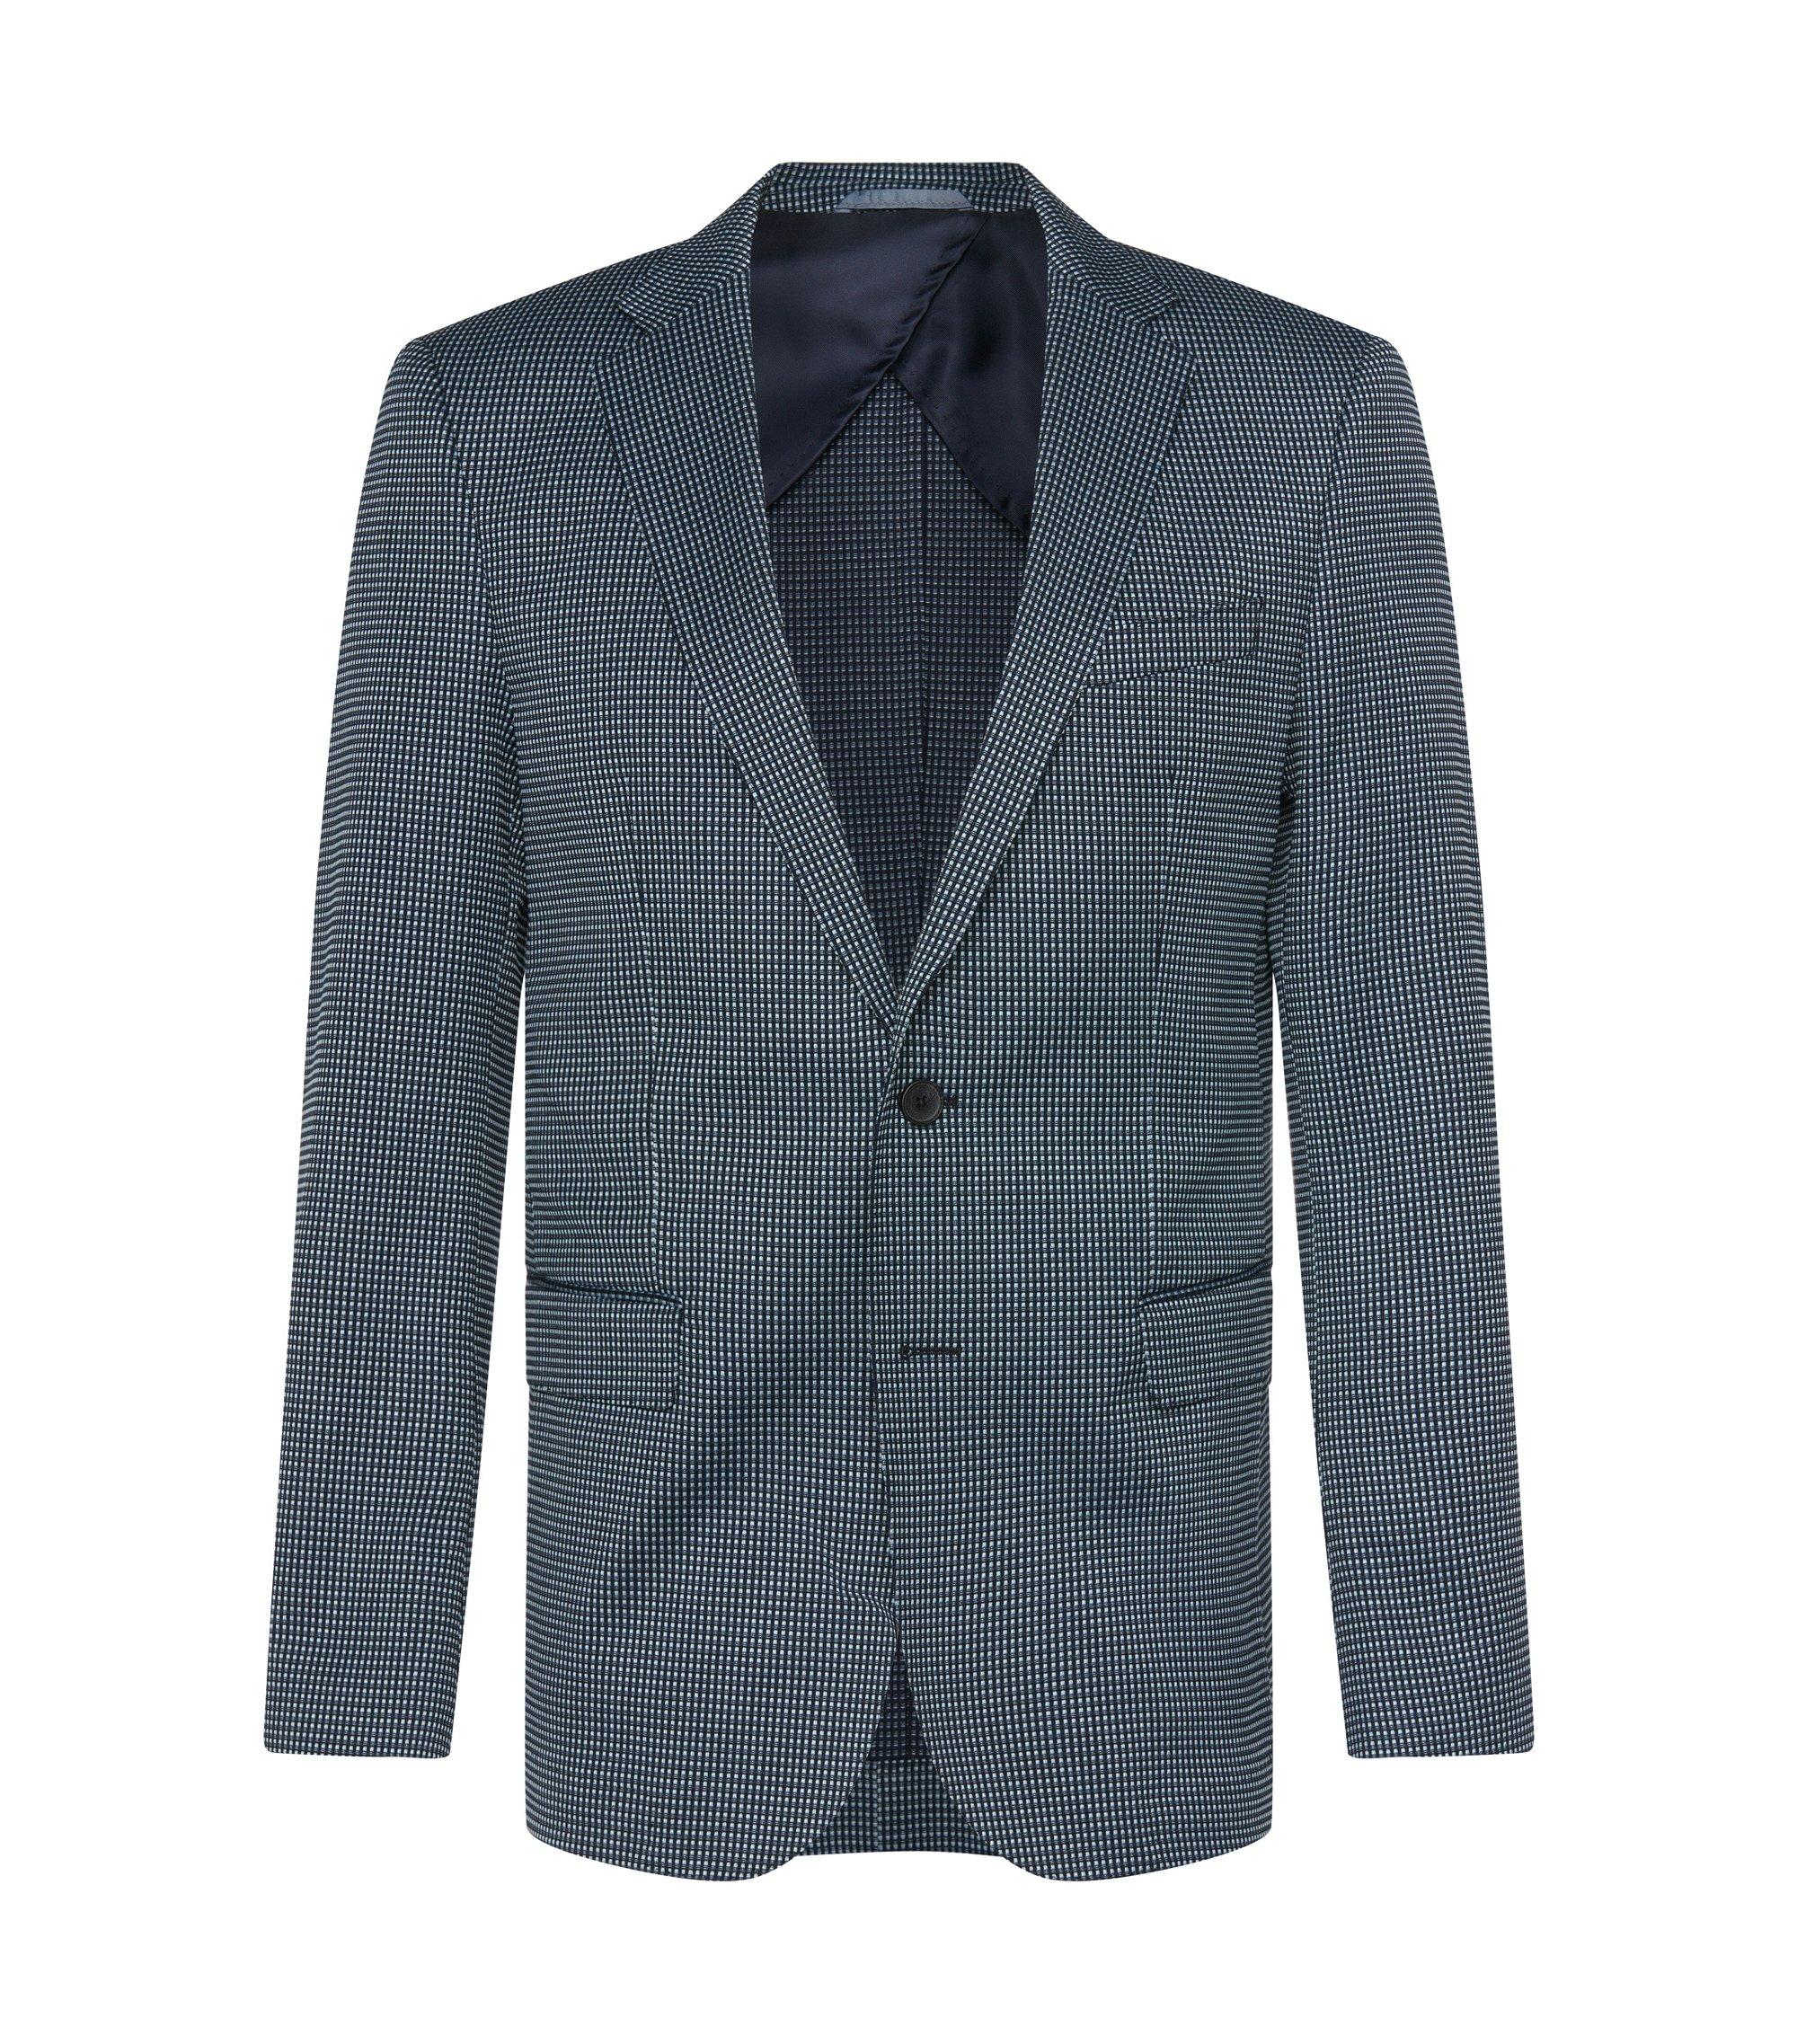 Stretch Cotton Blend Patterned Sport Coat, Slim Fit | Nobis, Dark Blue